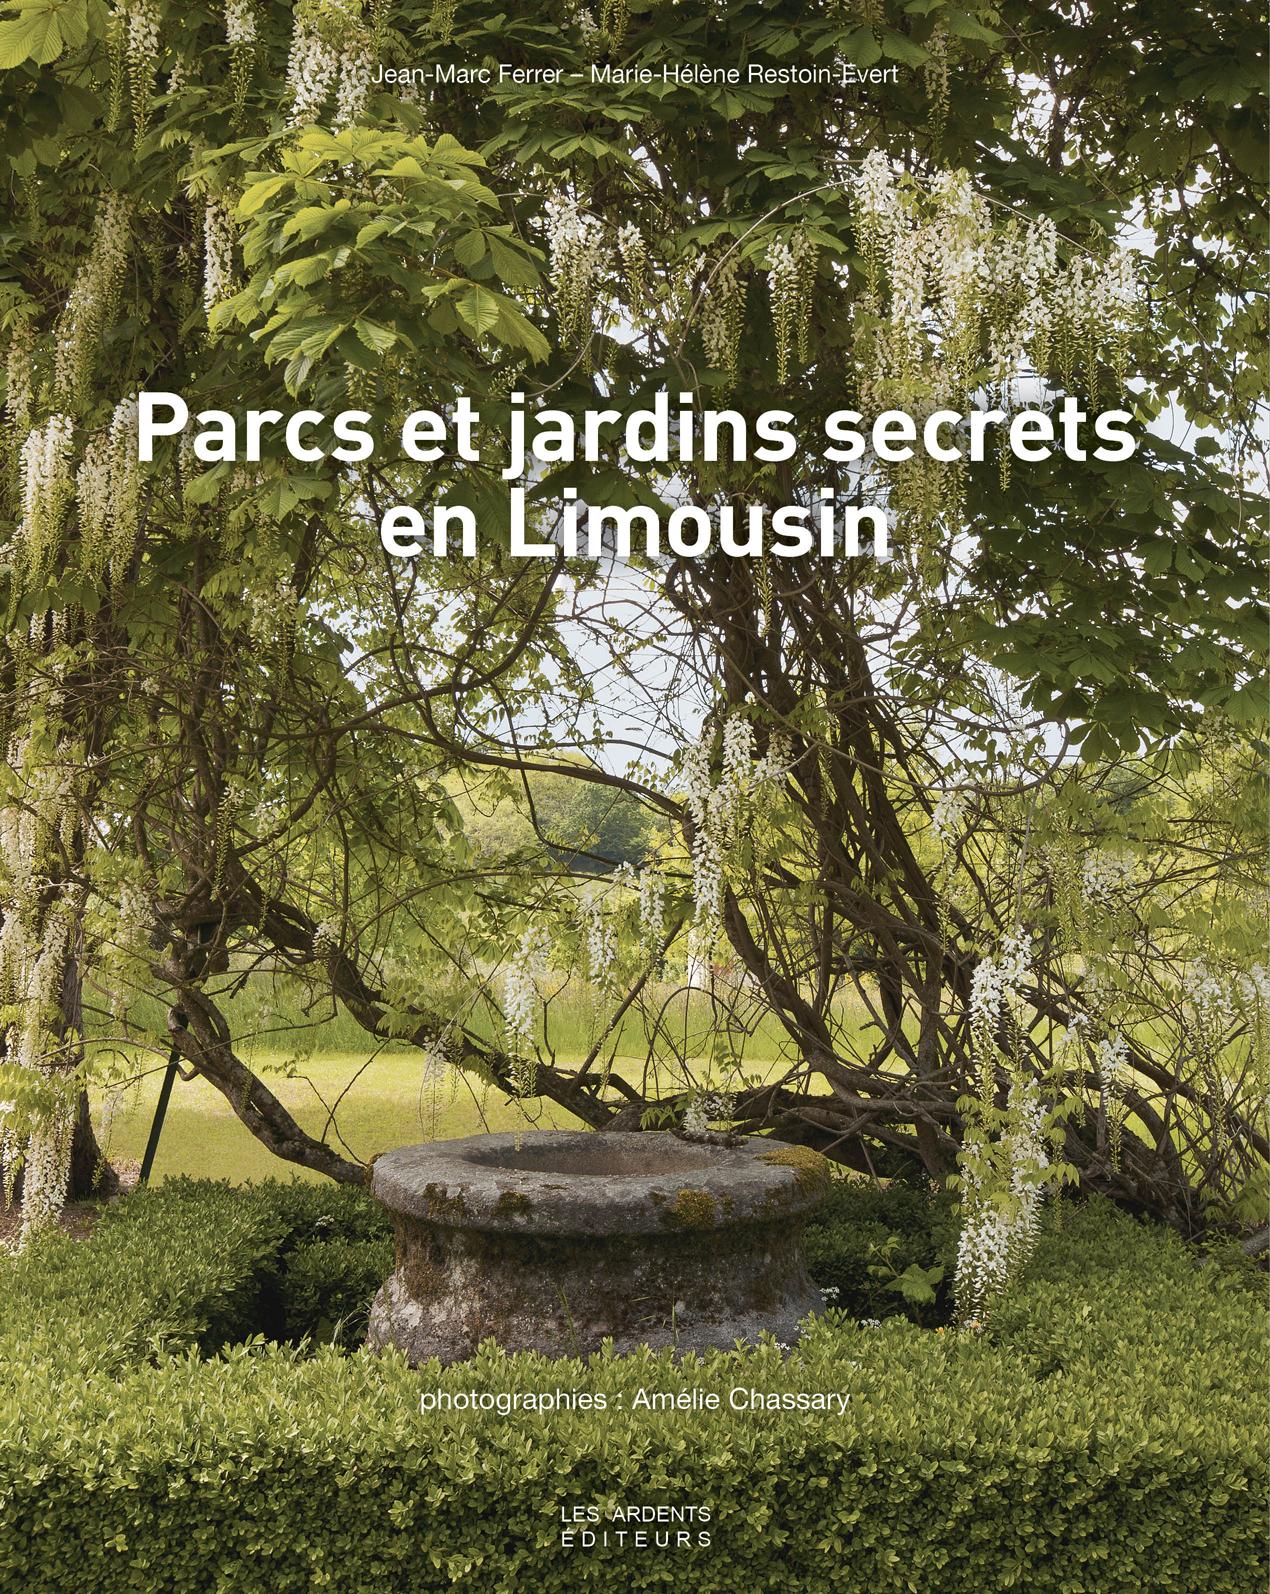 Jardin Secret Des Hansen Of Les Ardents Editeurs Parcs Et Jardins Secrets En Limousin